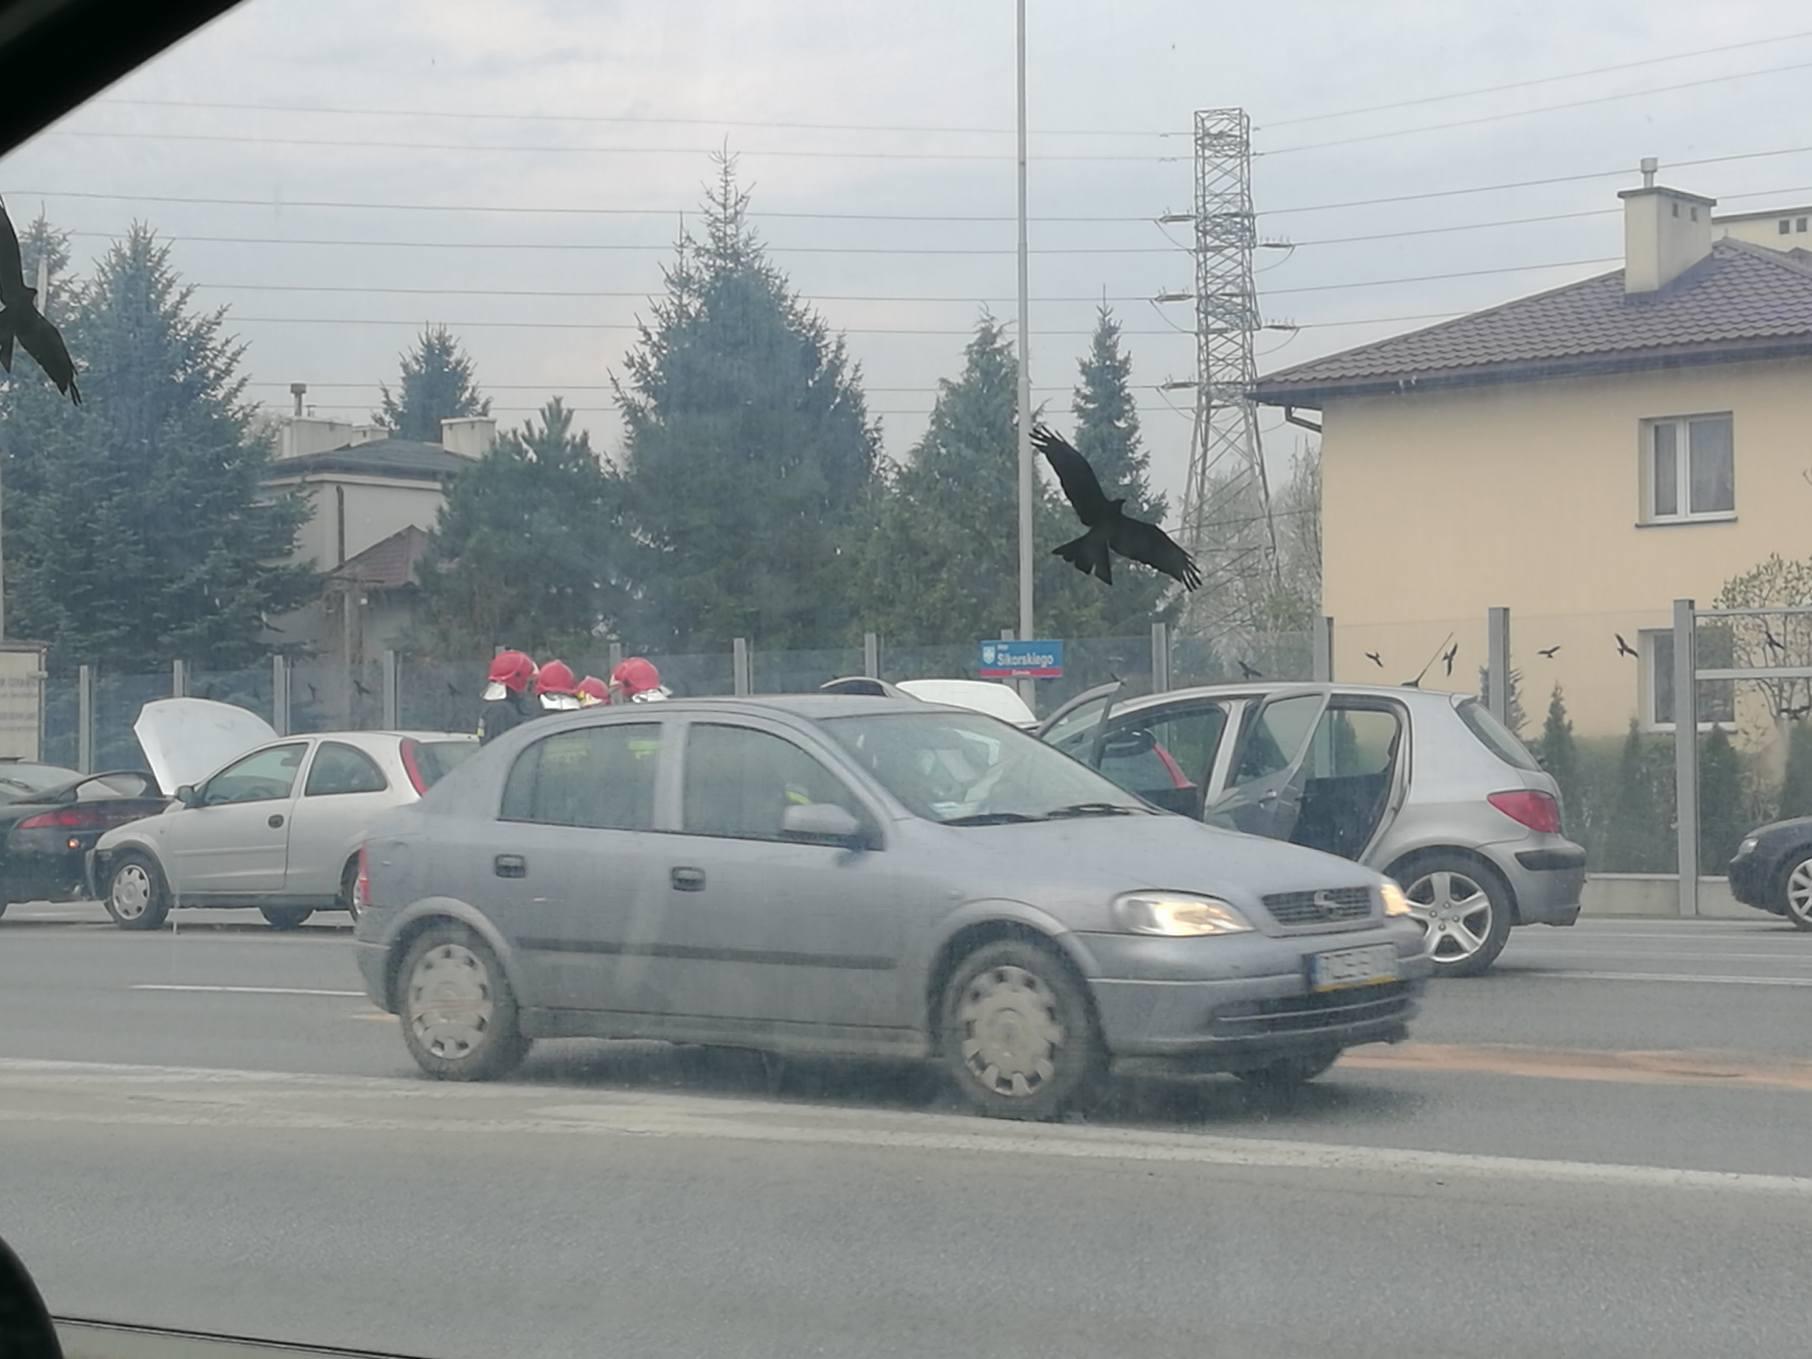 Zdjęcie: Pan Piotr / Czytelnik Rzeszów News